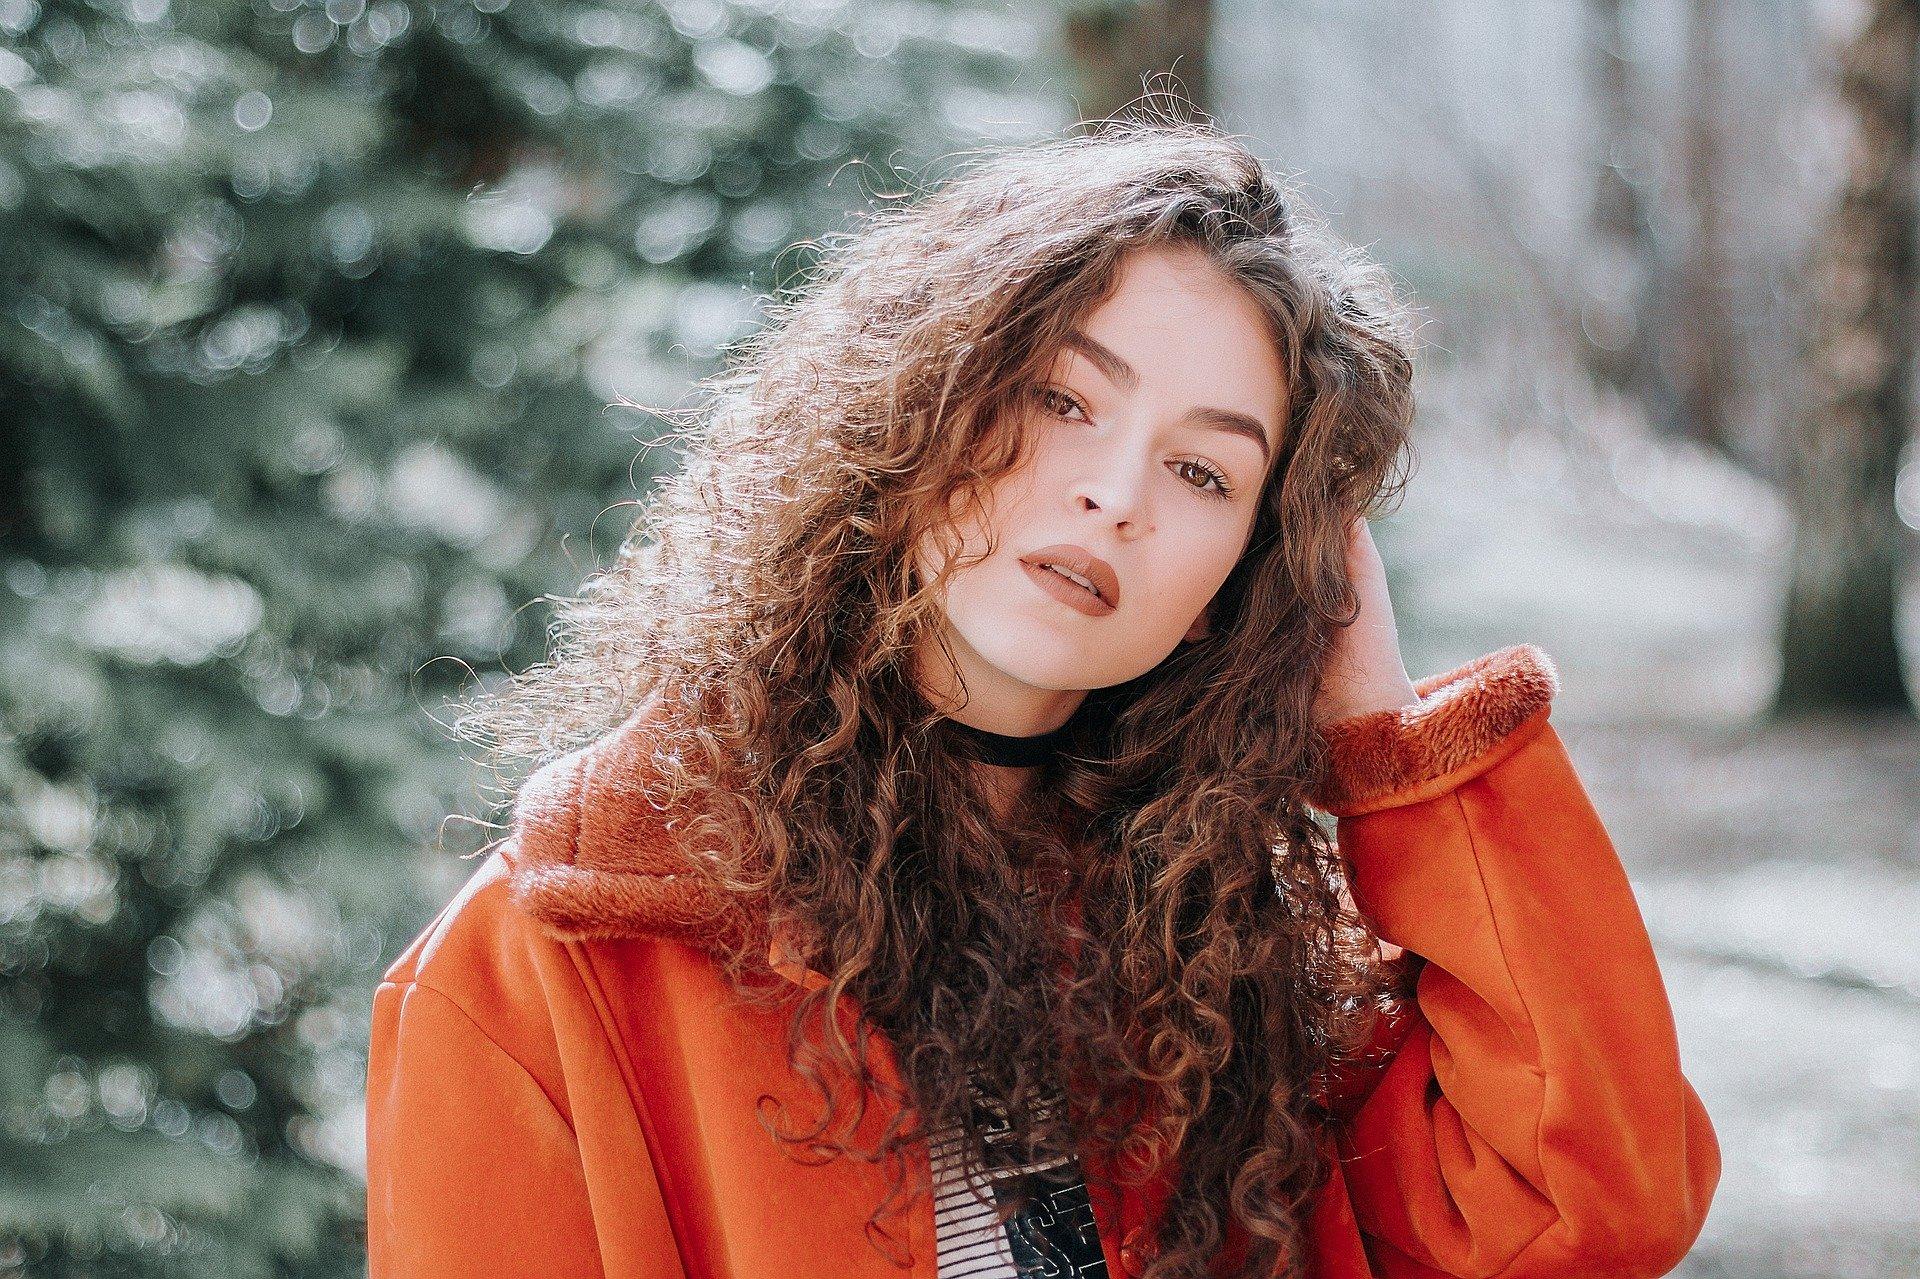 Tendencias de moda de invierno 2019 para mujeres con curvas / Moda de tallas grandes: estas tendencias se adaptan a las mujeres con curvas